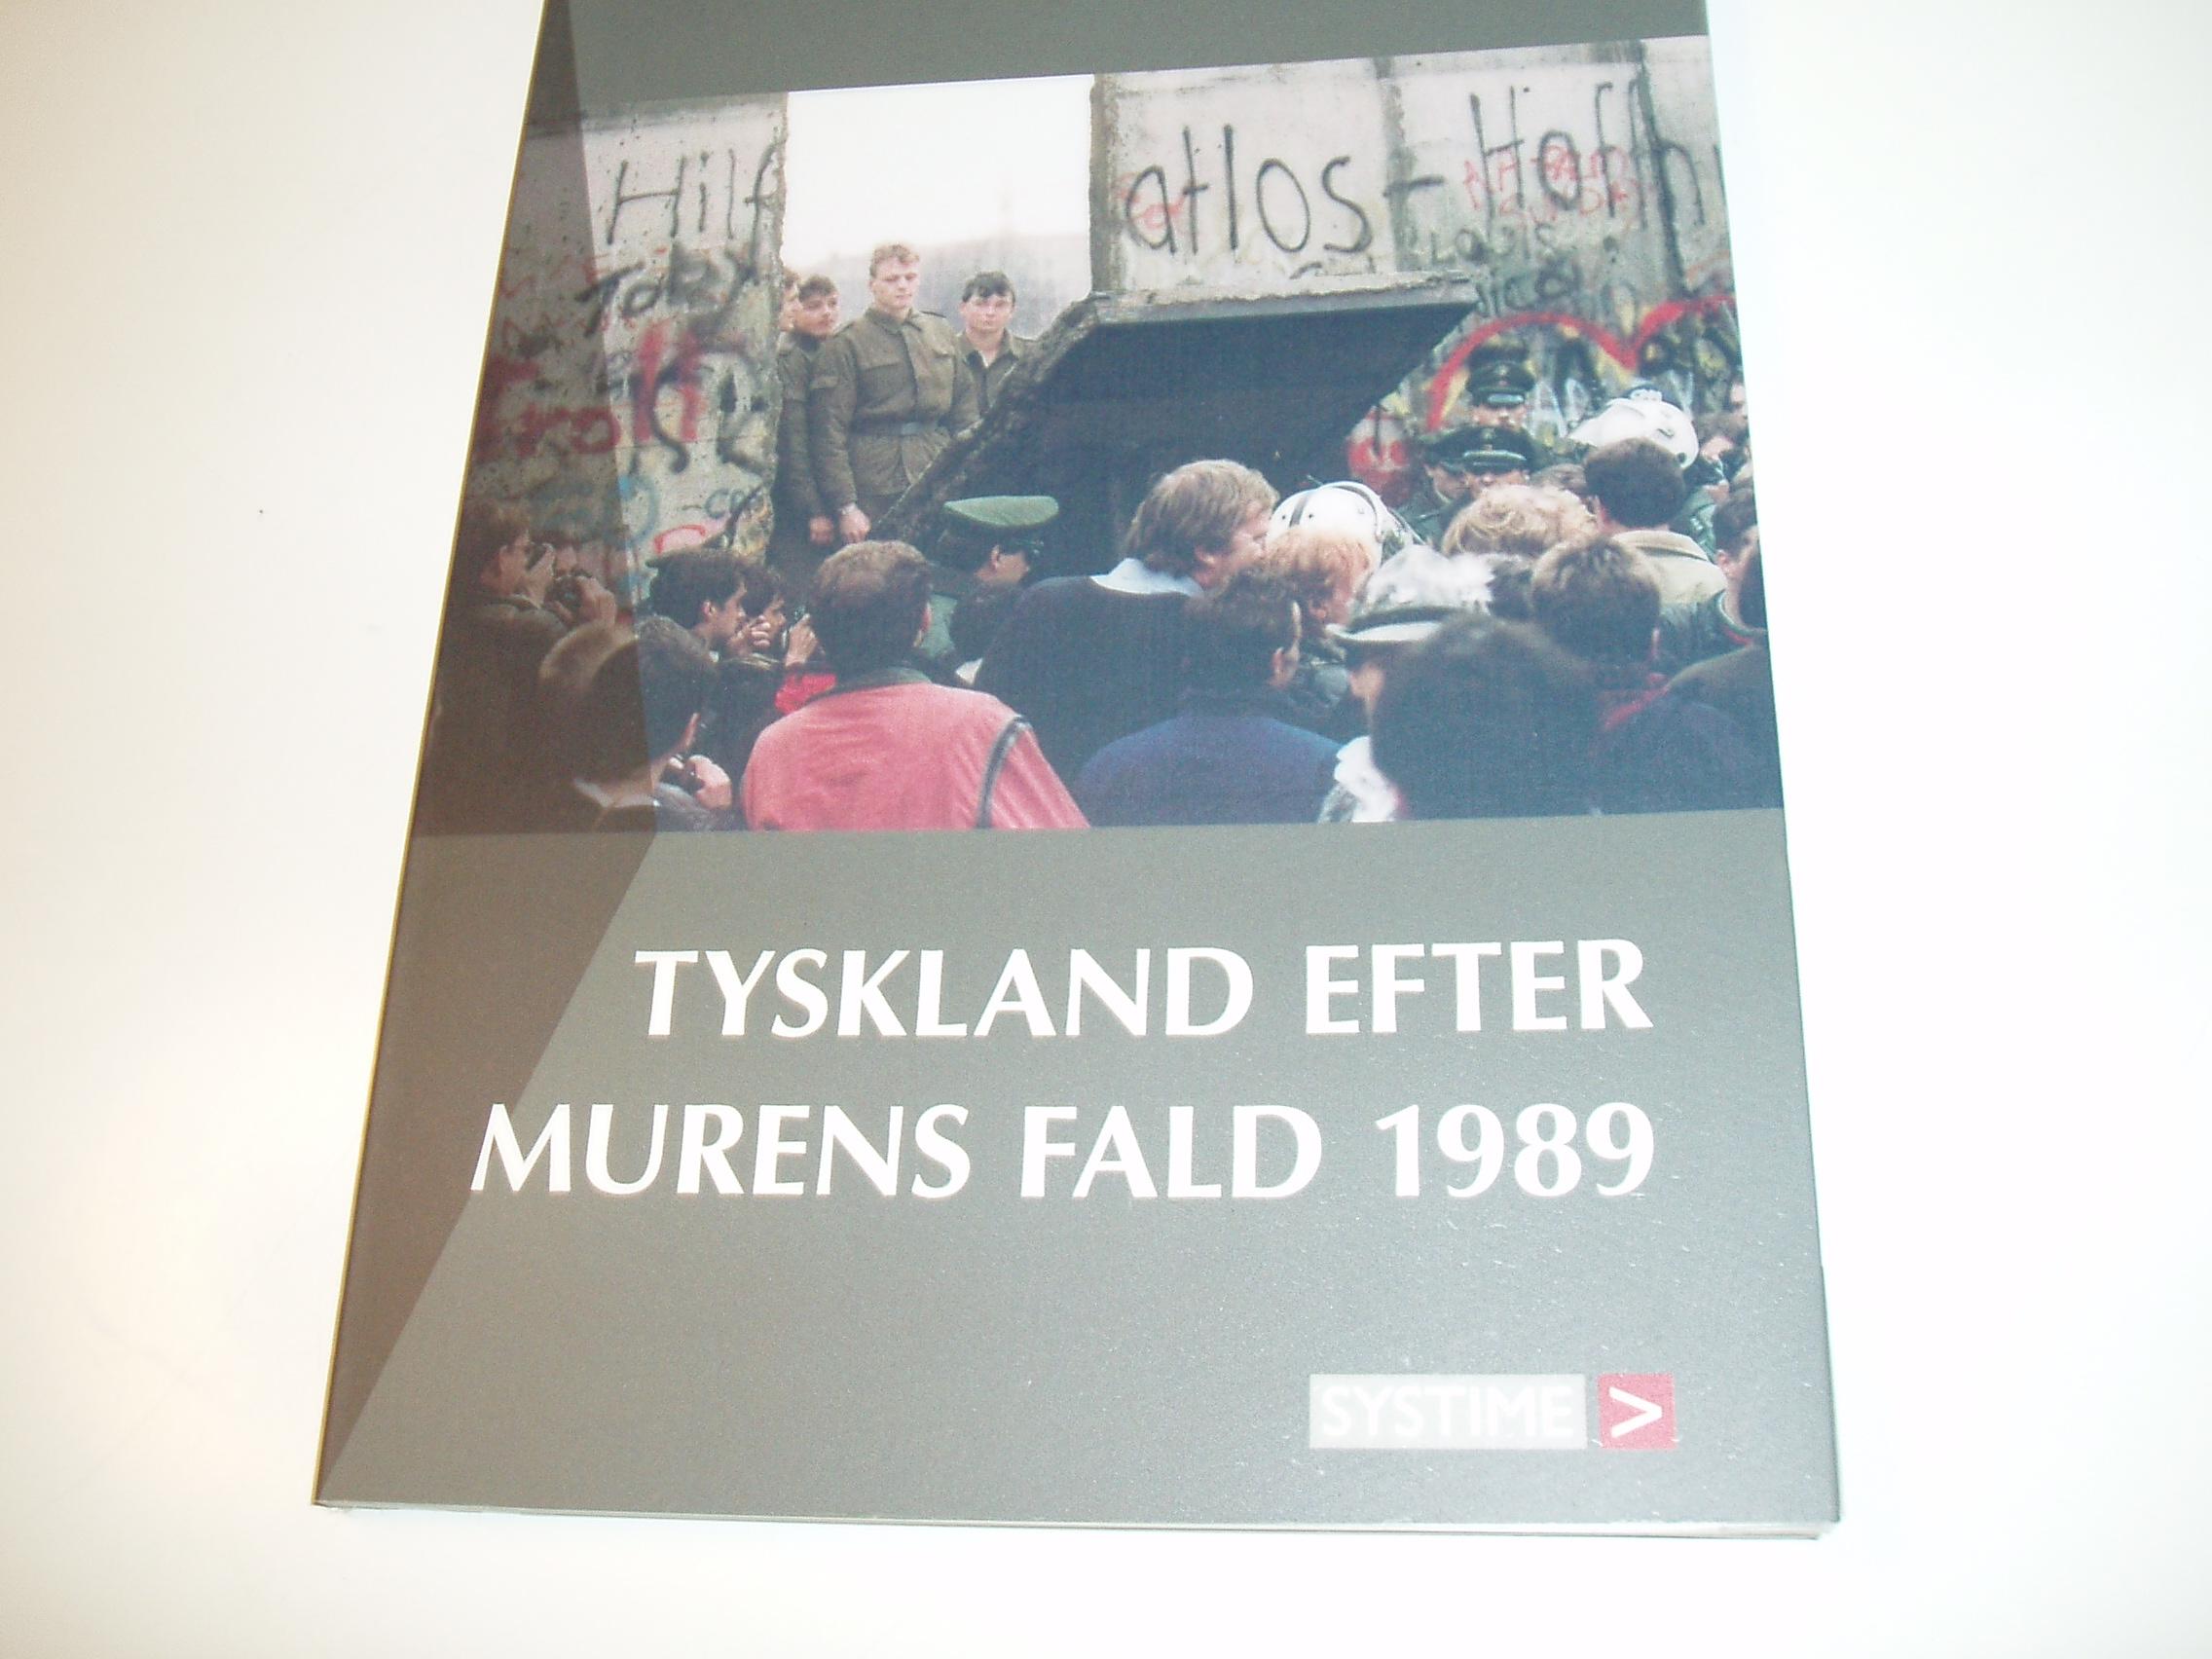 Tyskland efter murens fald 1989